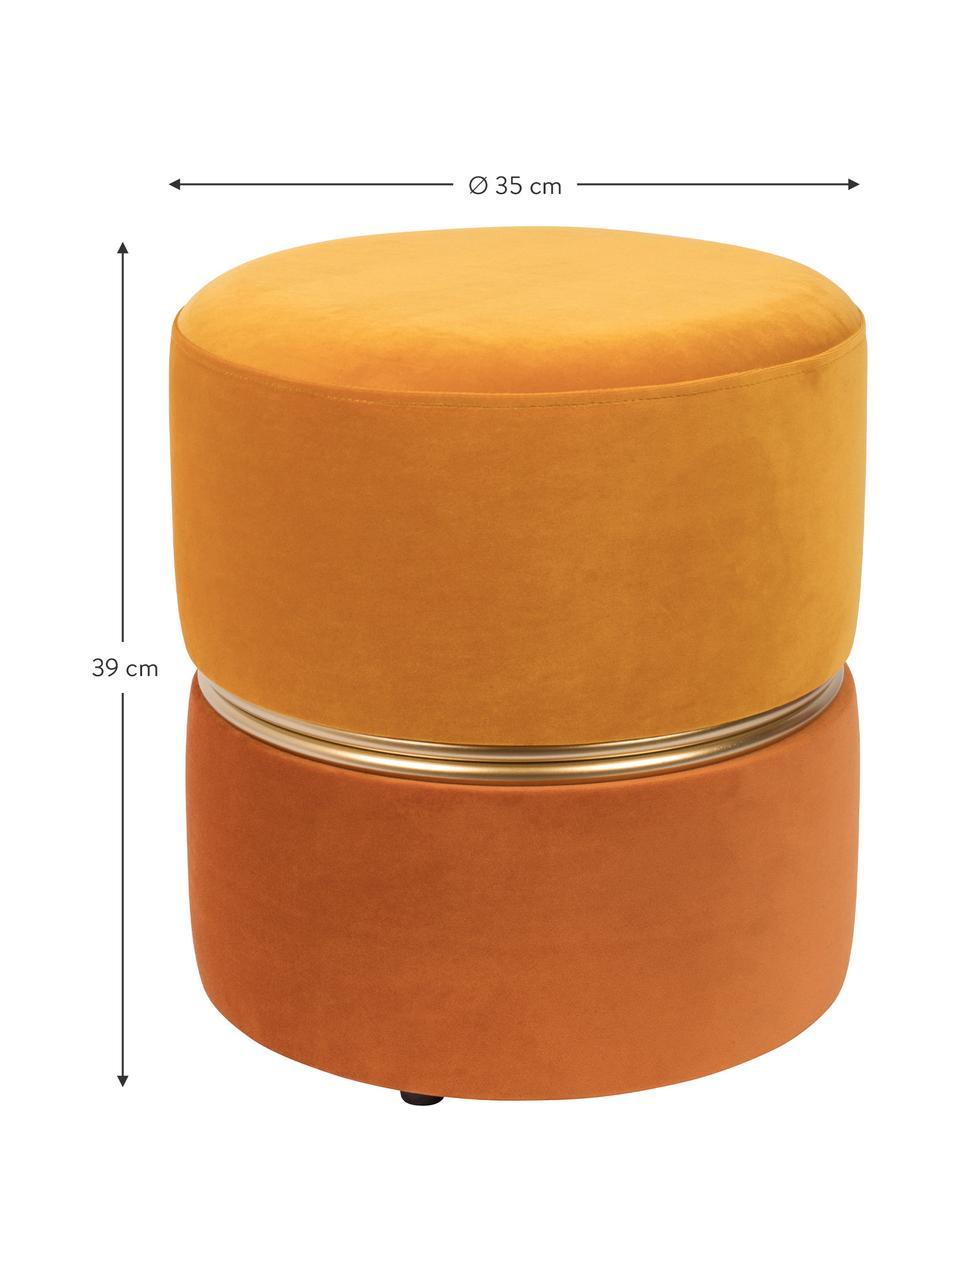 Puf z aksamitu Bubbly, Tapicerka: aksamit poliestrowy 2000, Stelaż: płyta pilśniowa średniej , Odcienie żółtego, Ø 35 x W 39 cm